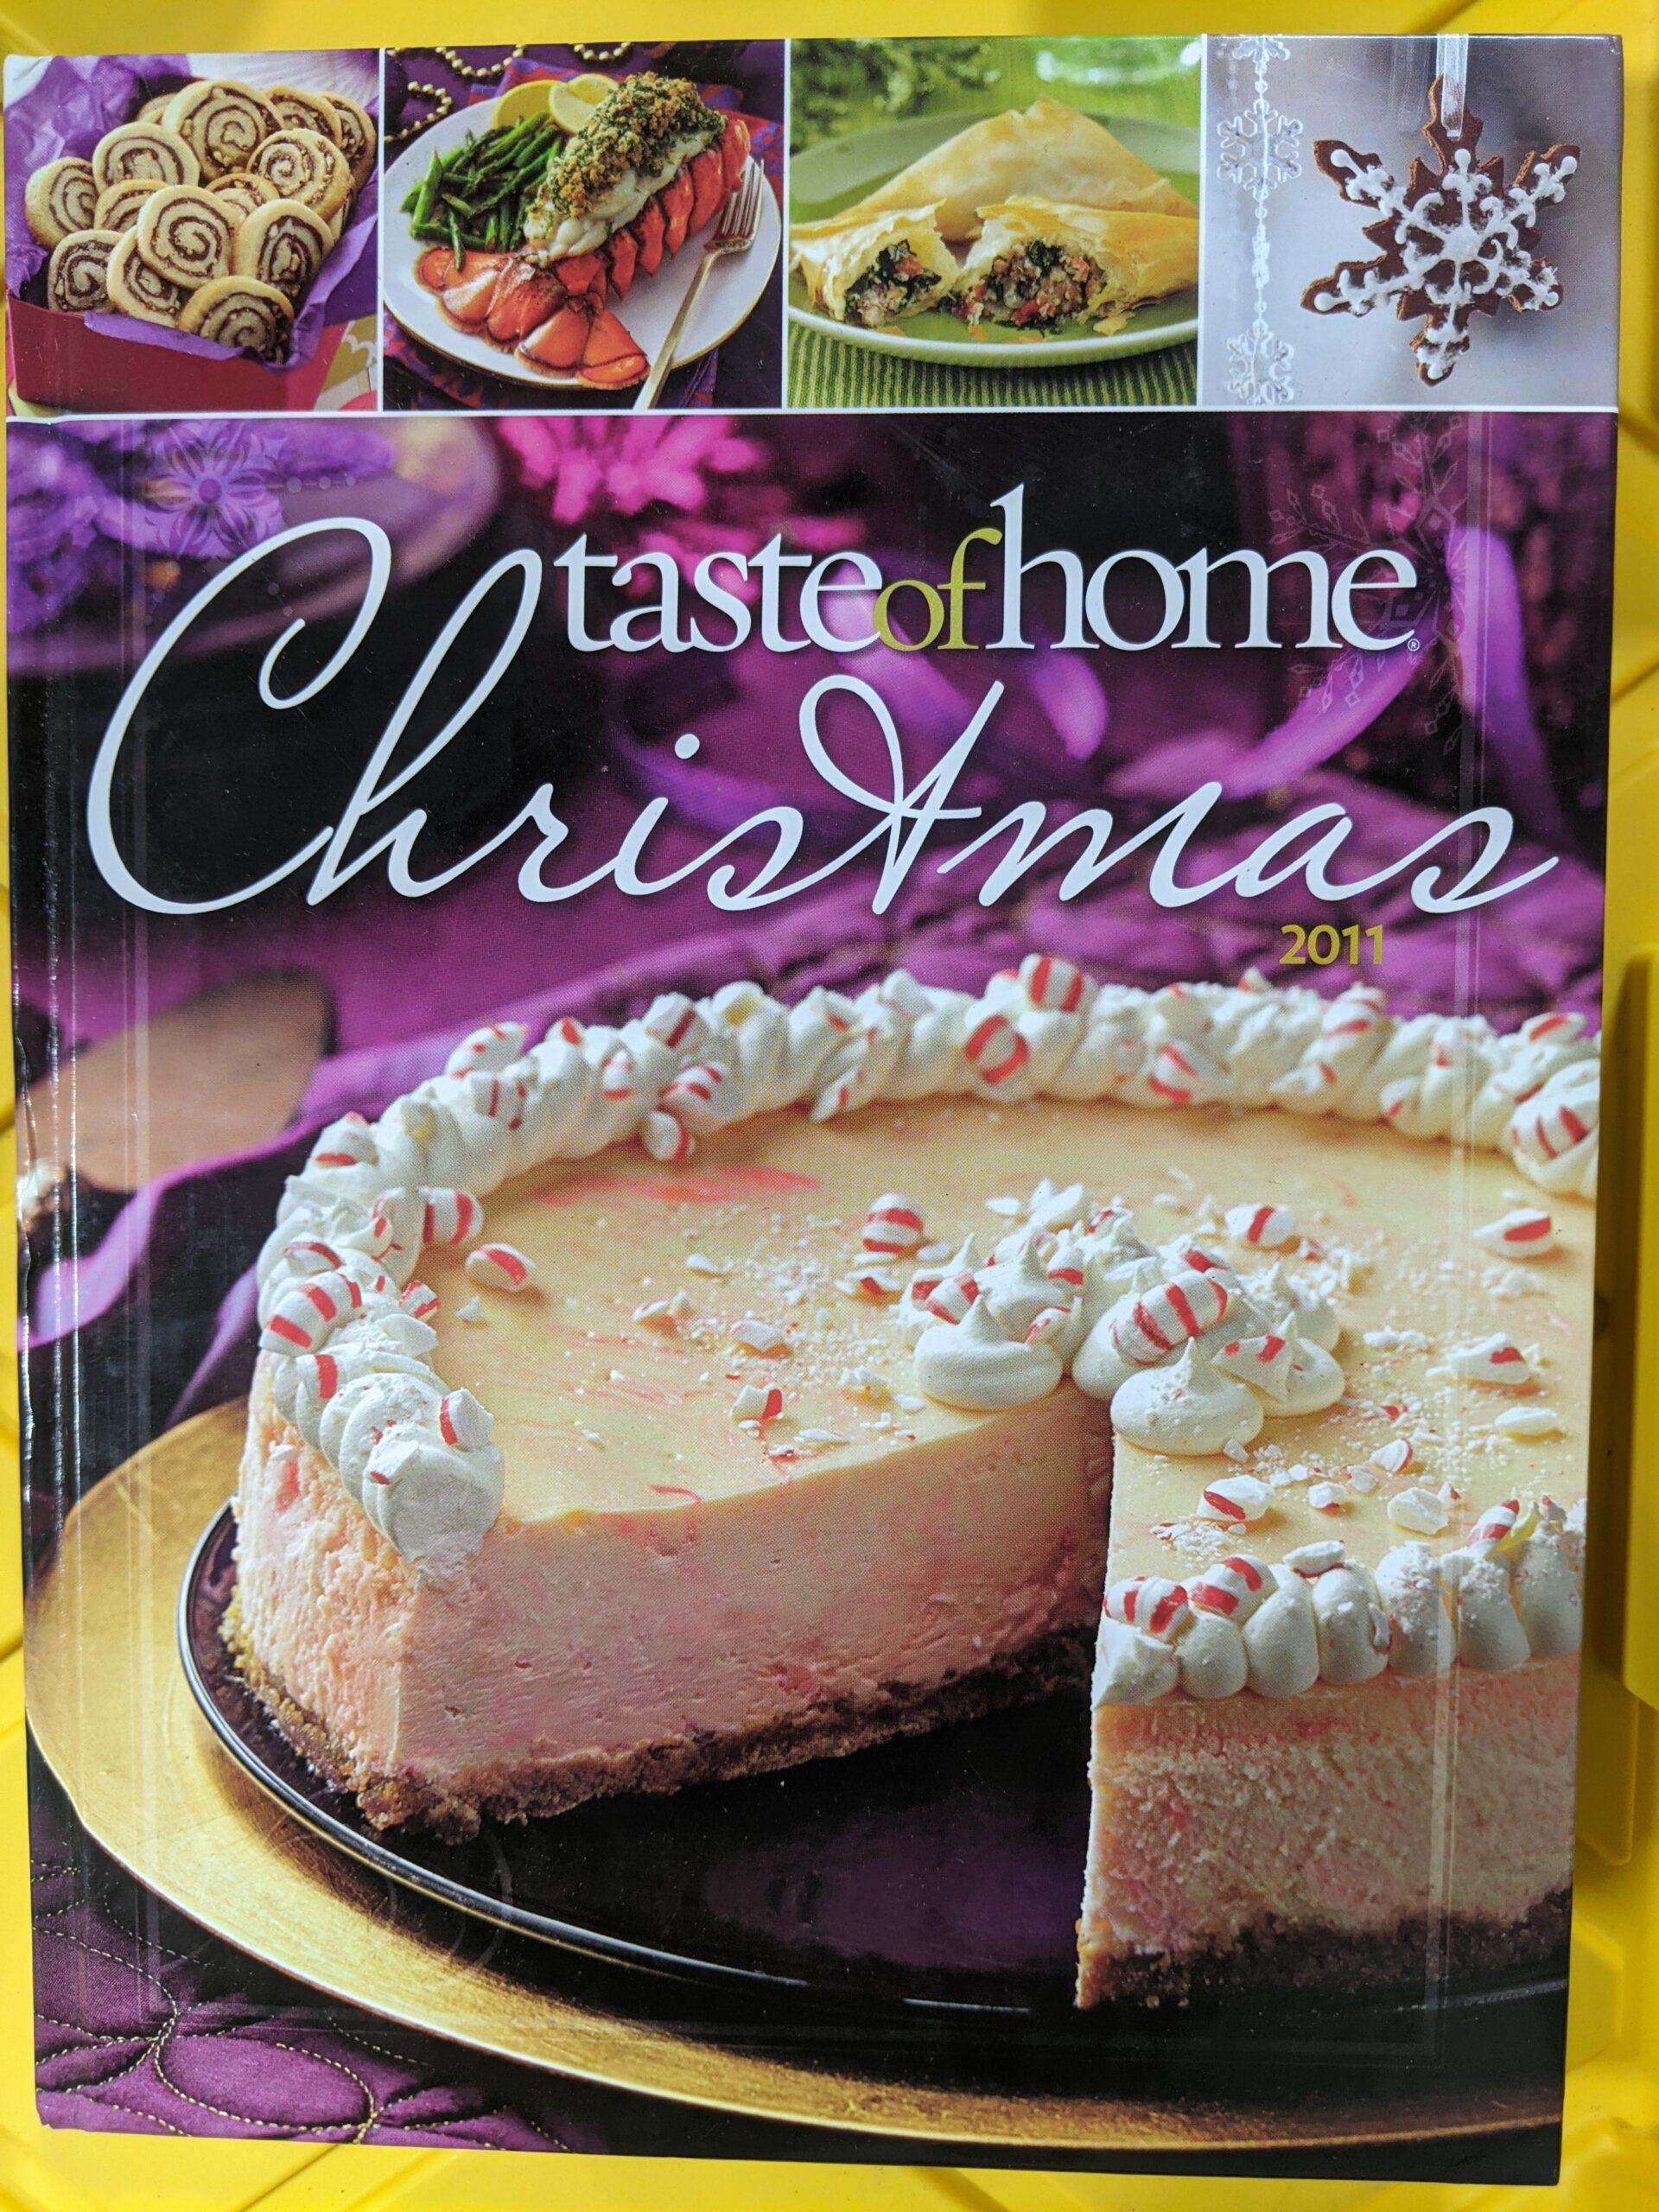 Taste of Home Christmas 2011 Cookbook